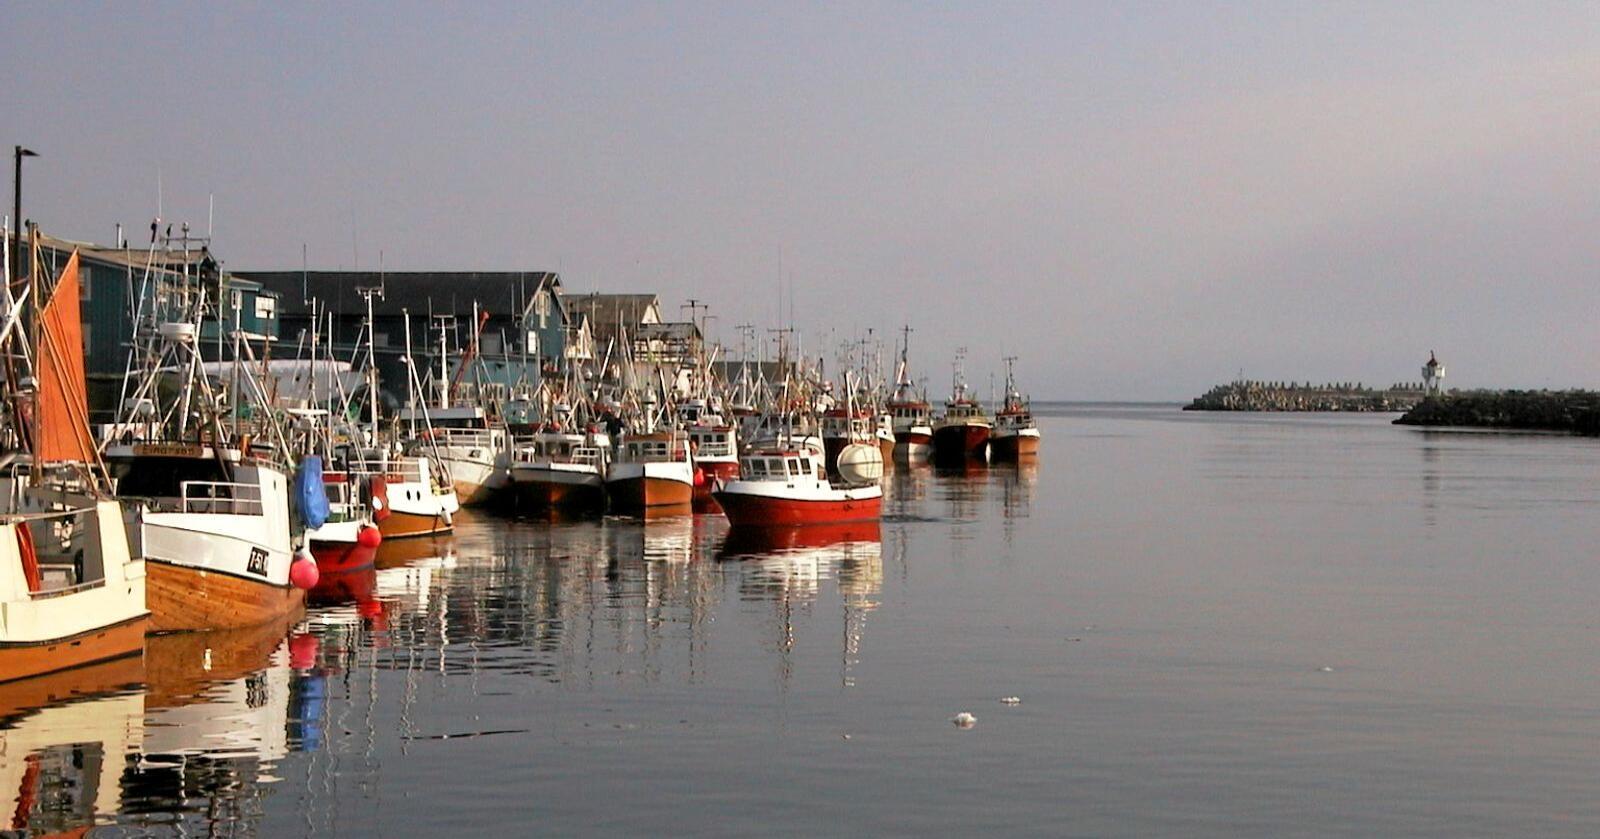 Skiller ikke: Klimatiltakene må fungere, i by som i Berlevåg. Foto: Gisle Stensvold